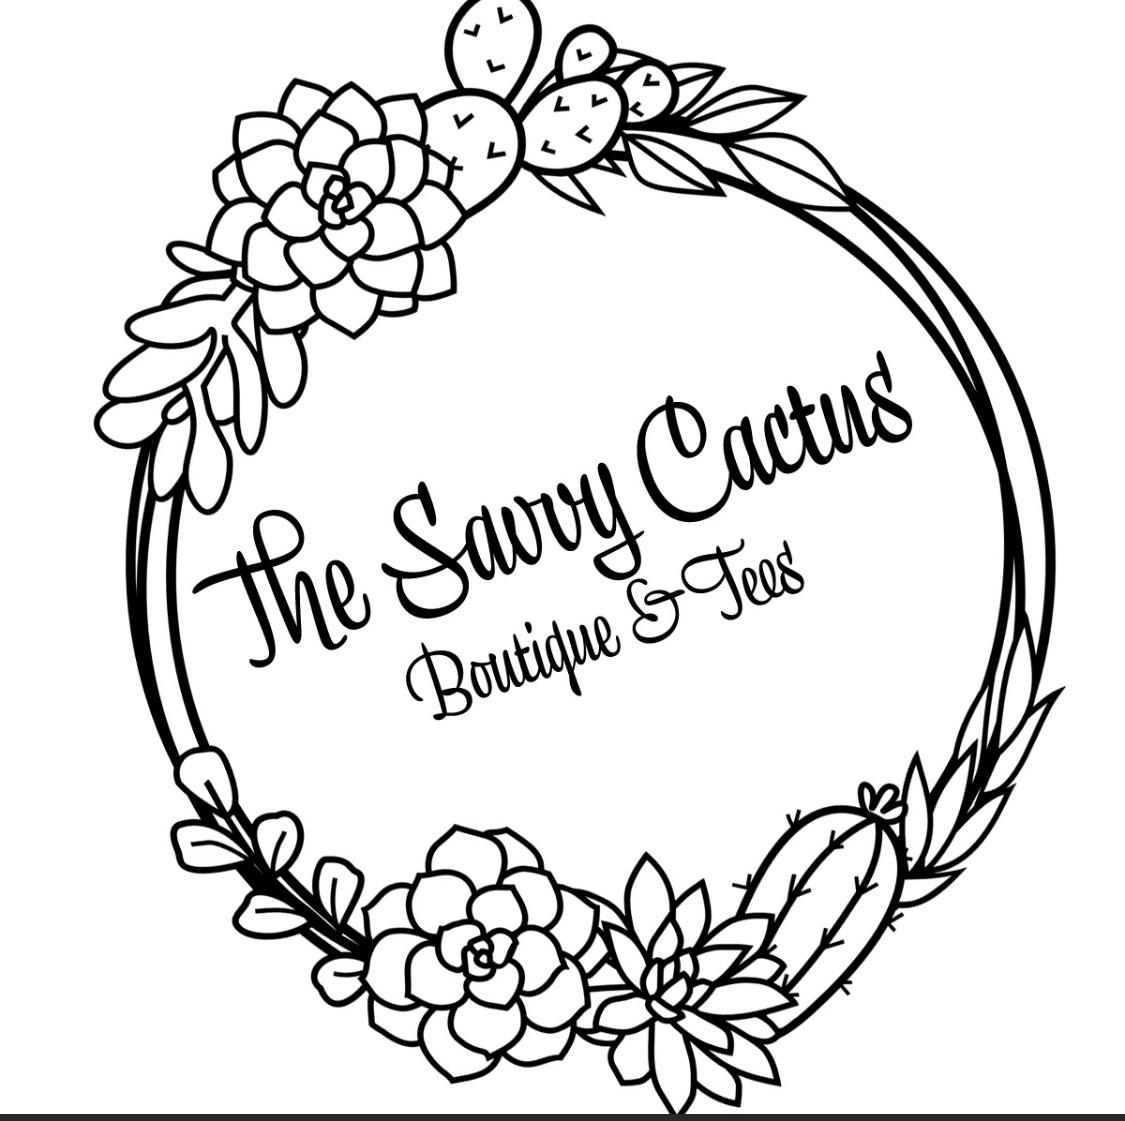 The Savvy Cactus